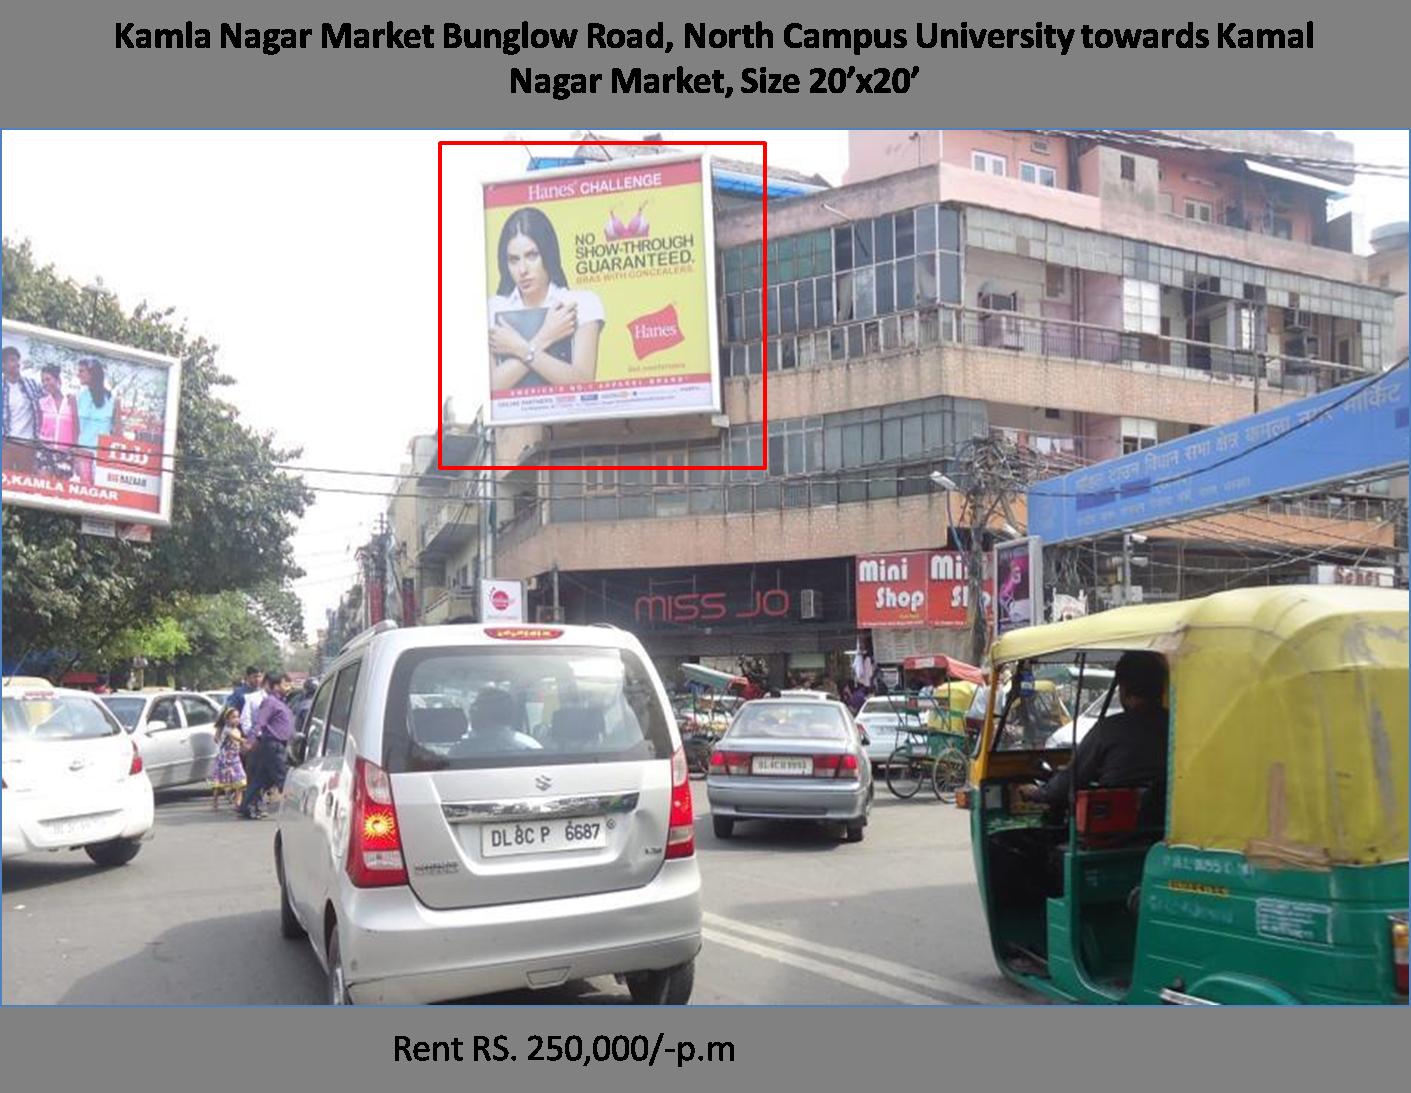 Kamla Nagar Market Bunglow Road, New Delhi